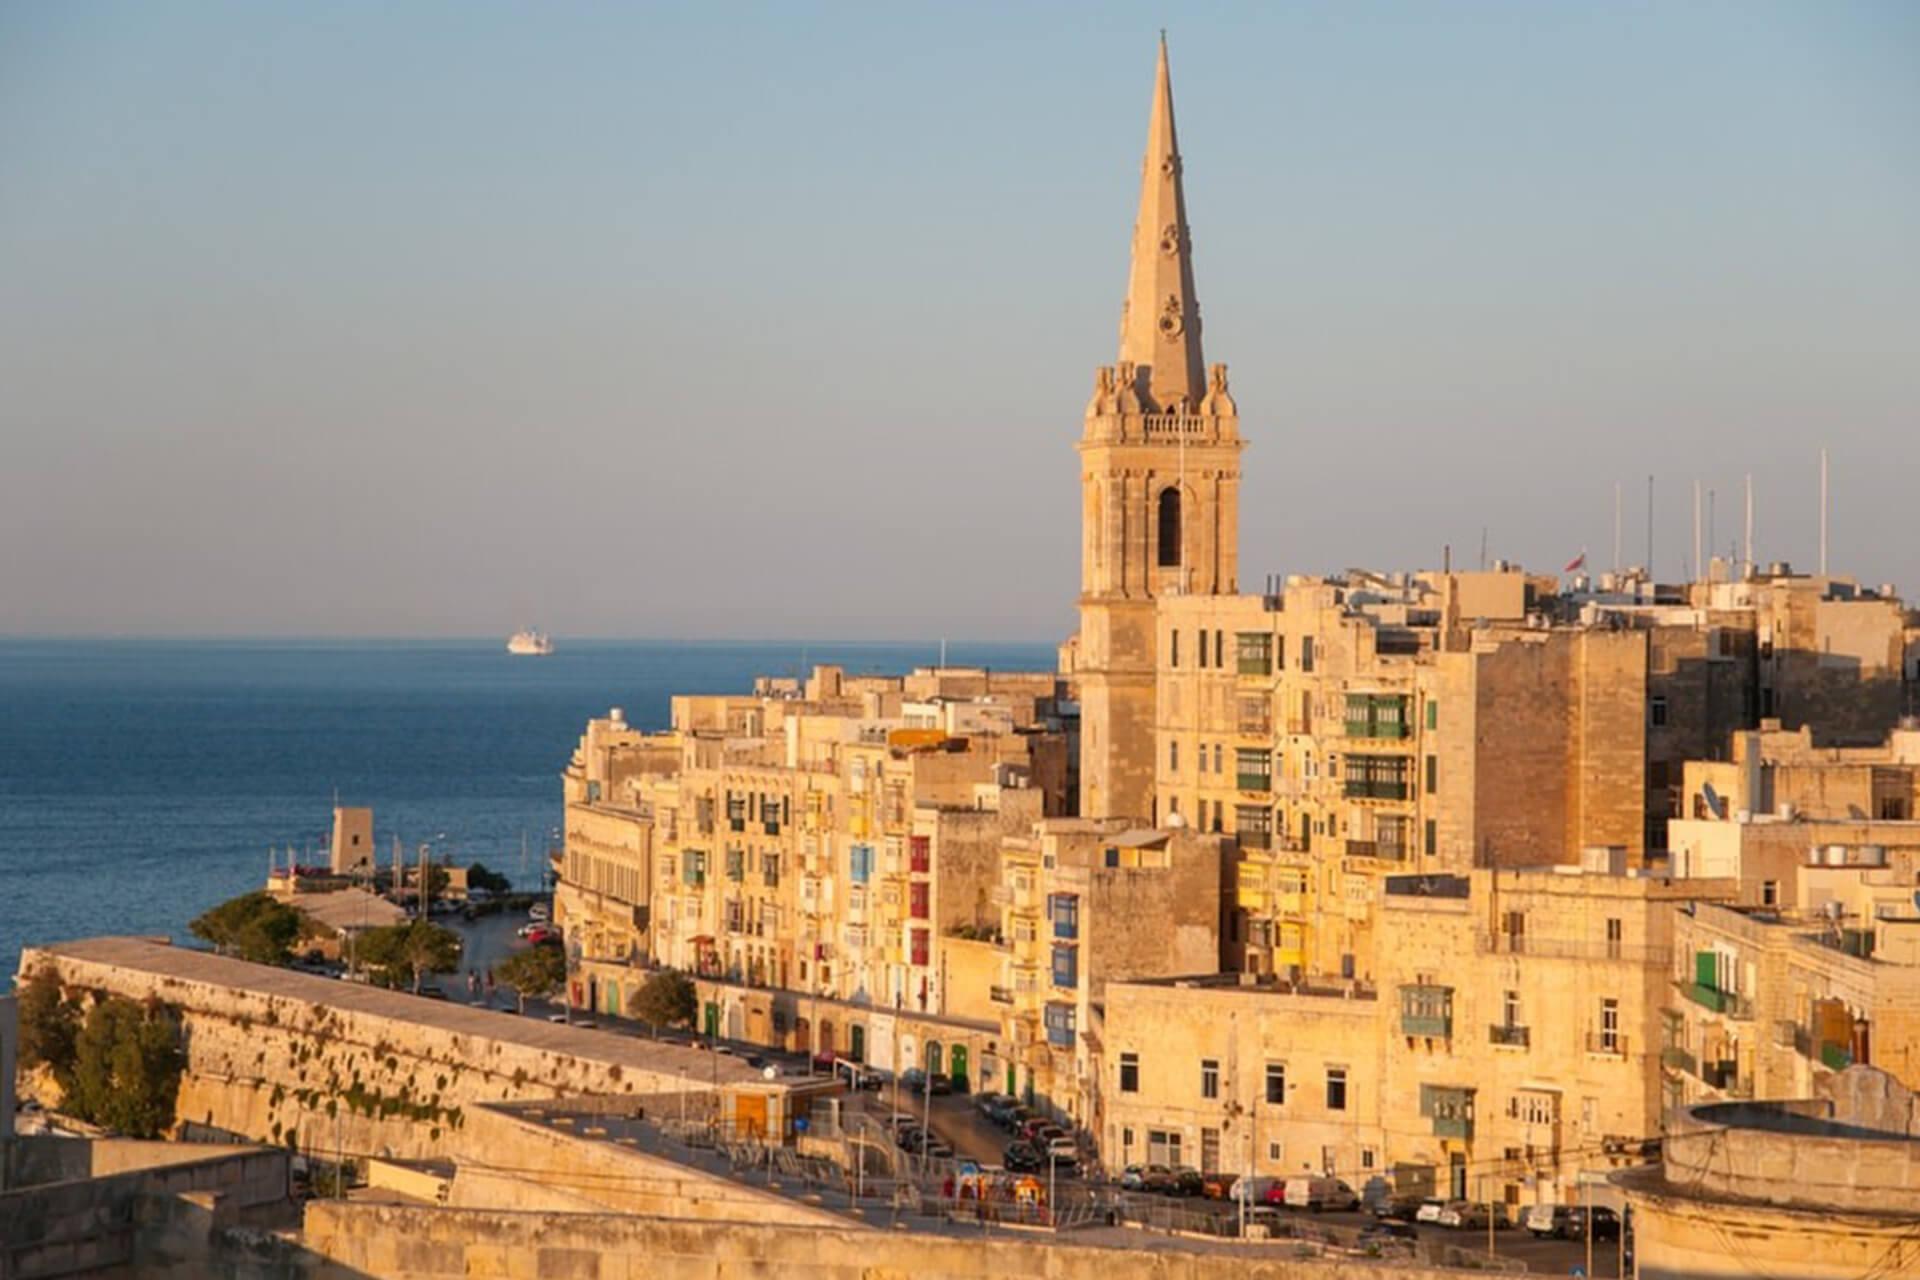 Comment j'ai trouvé mon travail à Malte : témoignage de Fabien